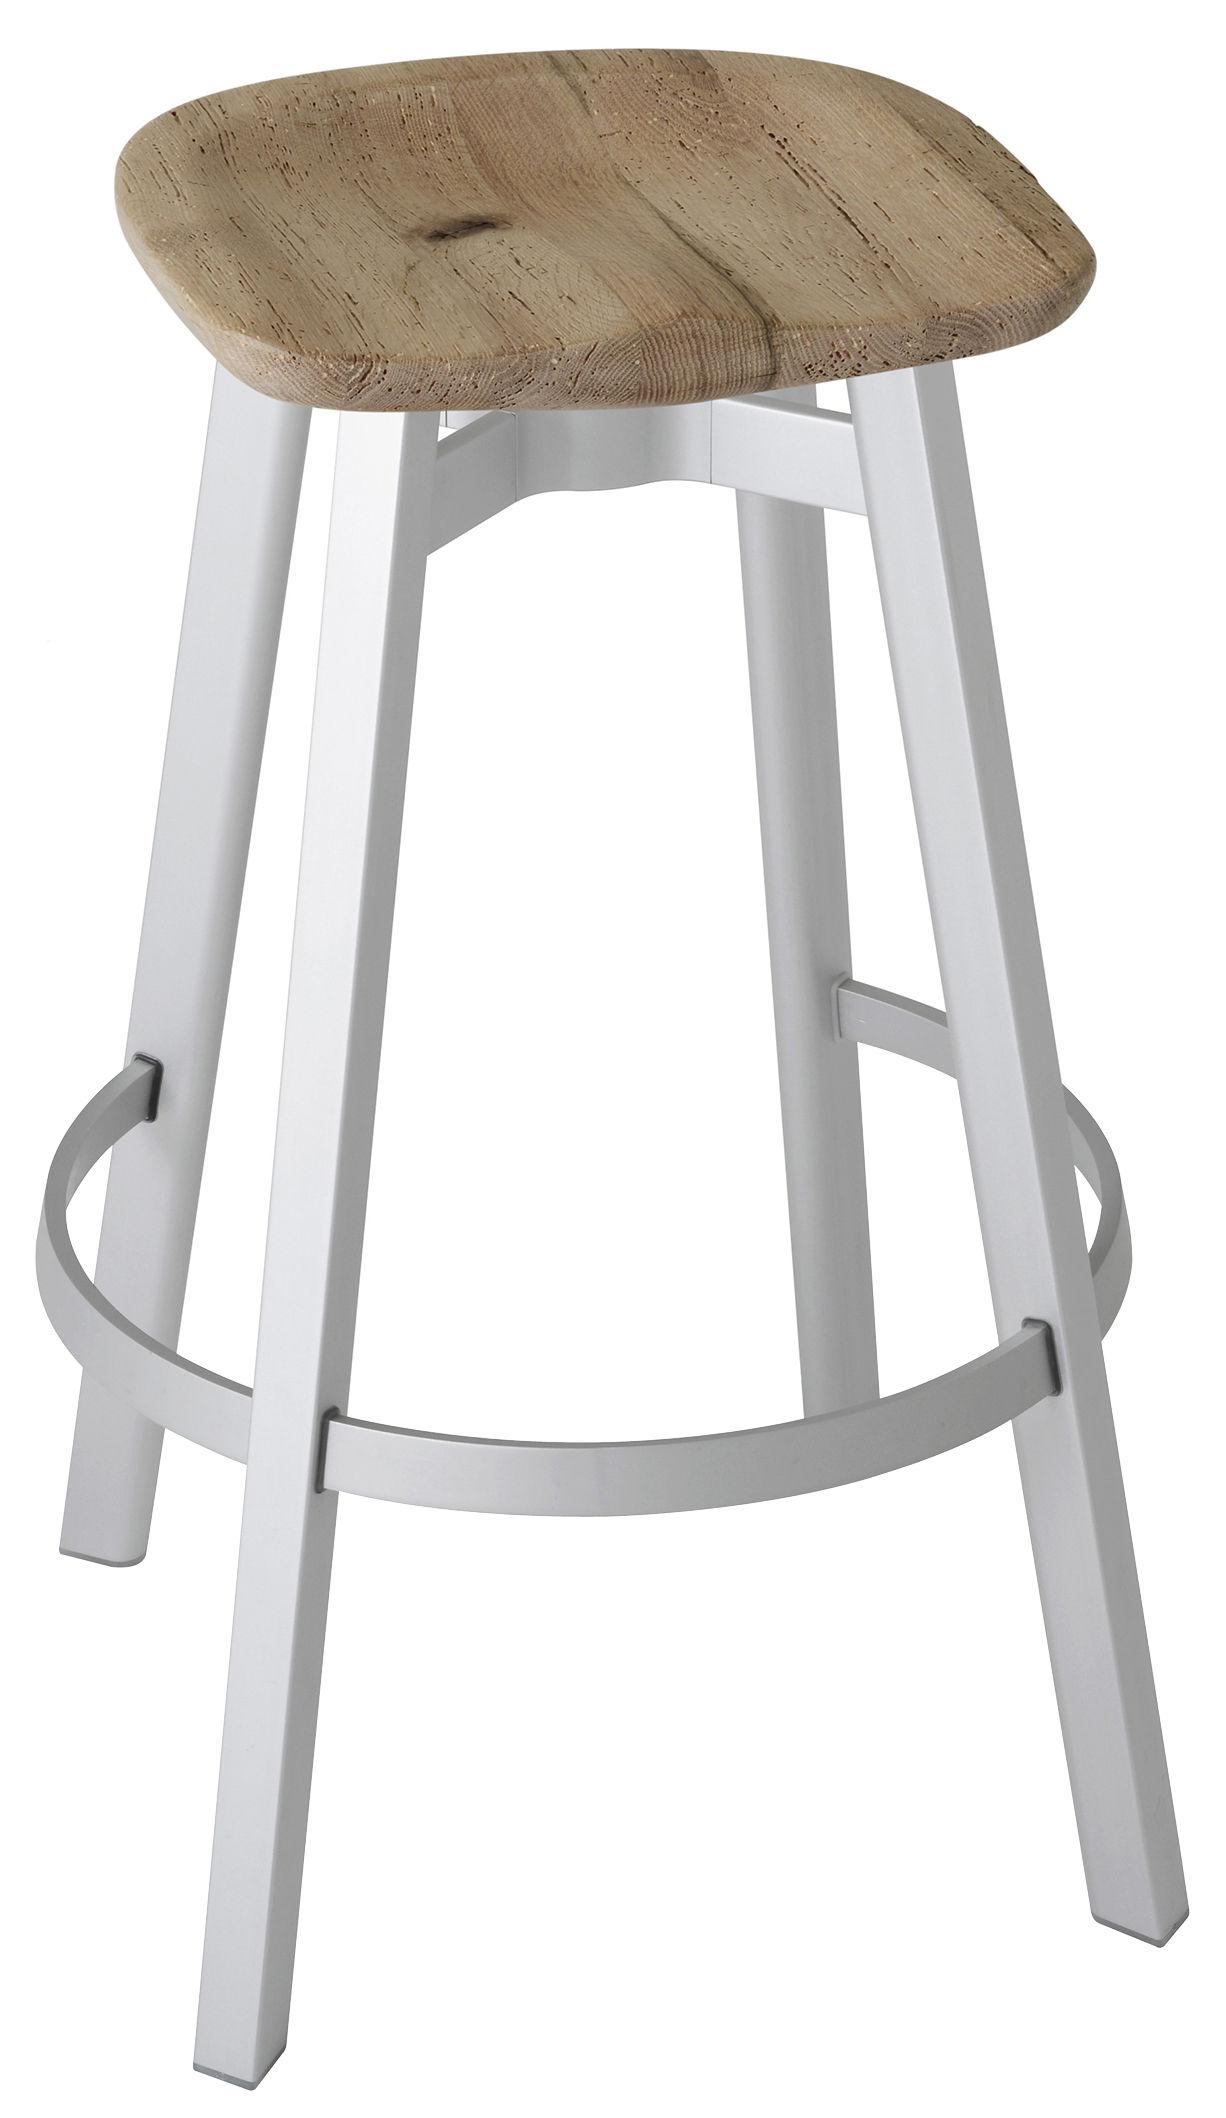 Arredamento - Sgabelli da bar  - Sgabello bar Su - / H 76 cm di Emeco - Quercia / gambe in alluminio - Alluminio riciclato, Rovere massello